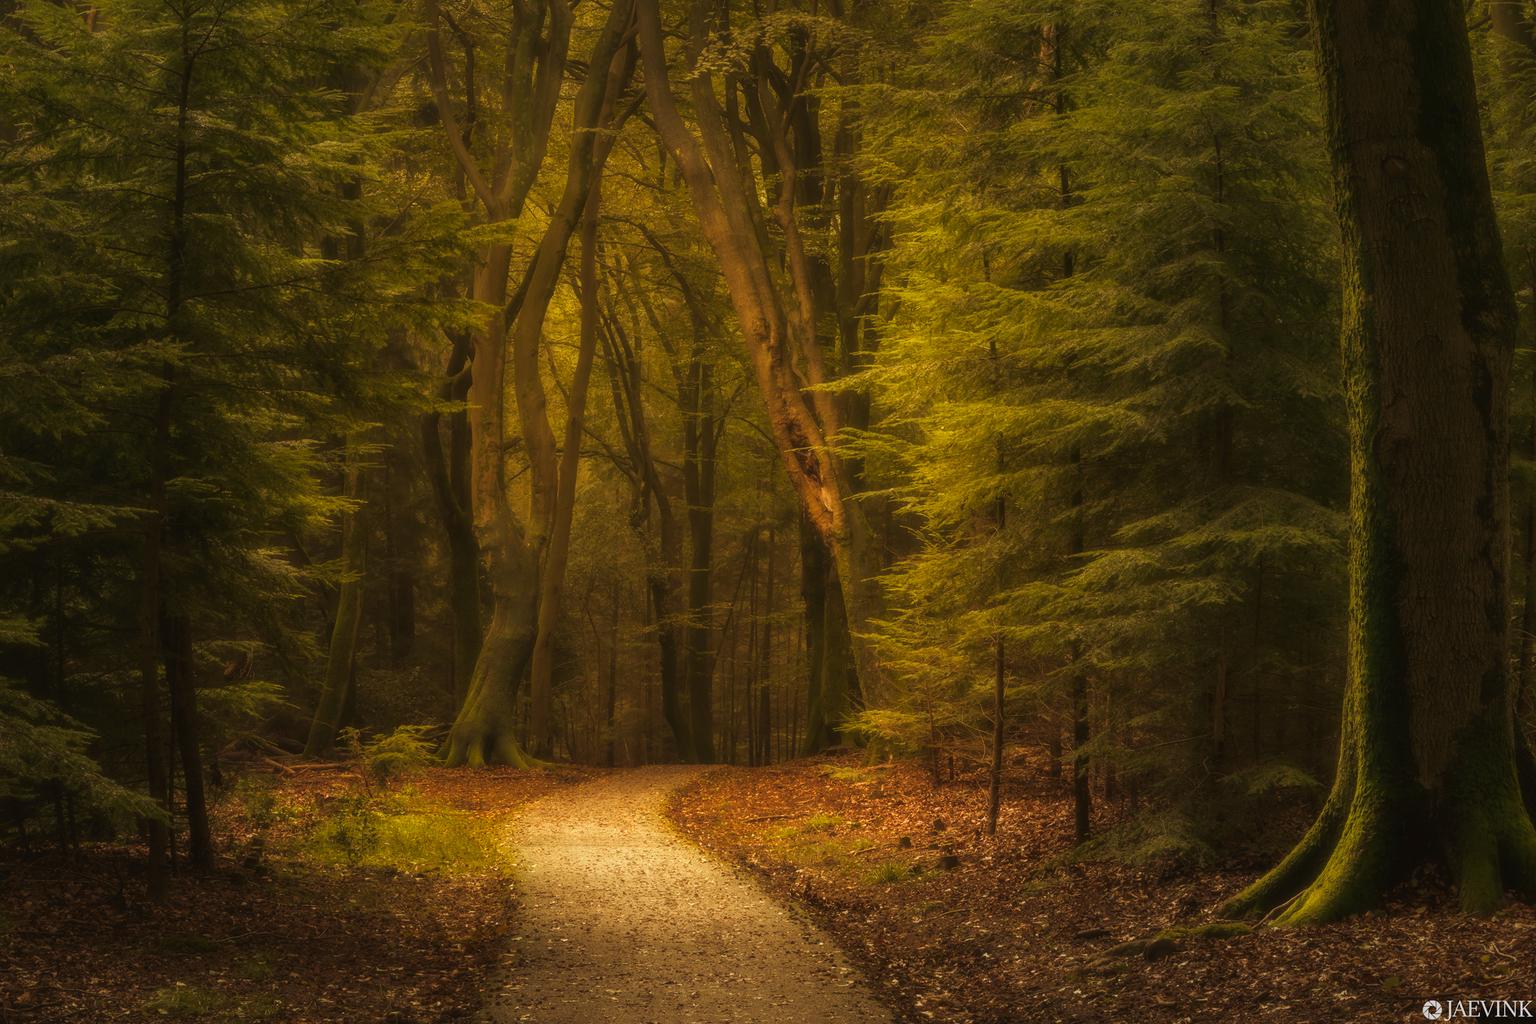 Entrance - Entrance - foto door vwinke op 17-04-2021 - deze foto bevat: bos, bomen, sprookjes, licht, natuur, landschap, moody, forest, fabriek, natuurlijk landschap, afdeling, hout, boom, mensen in de natuur, kofferbak, terrestrische plant, gras, weg oppervlak